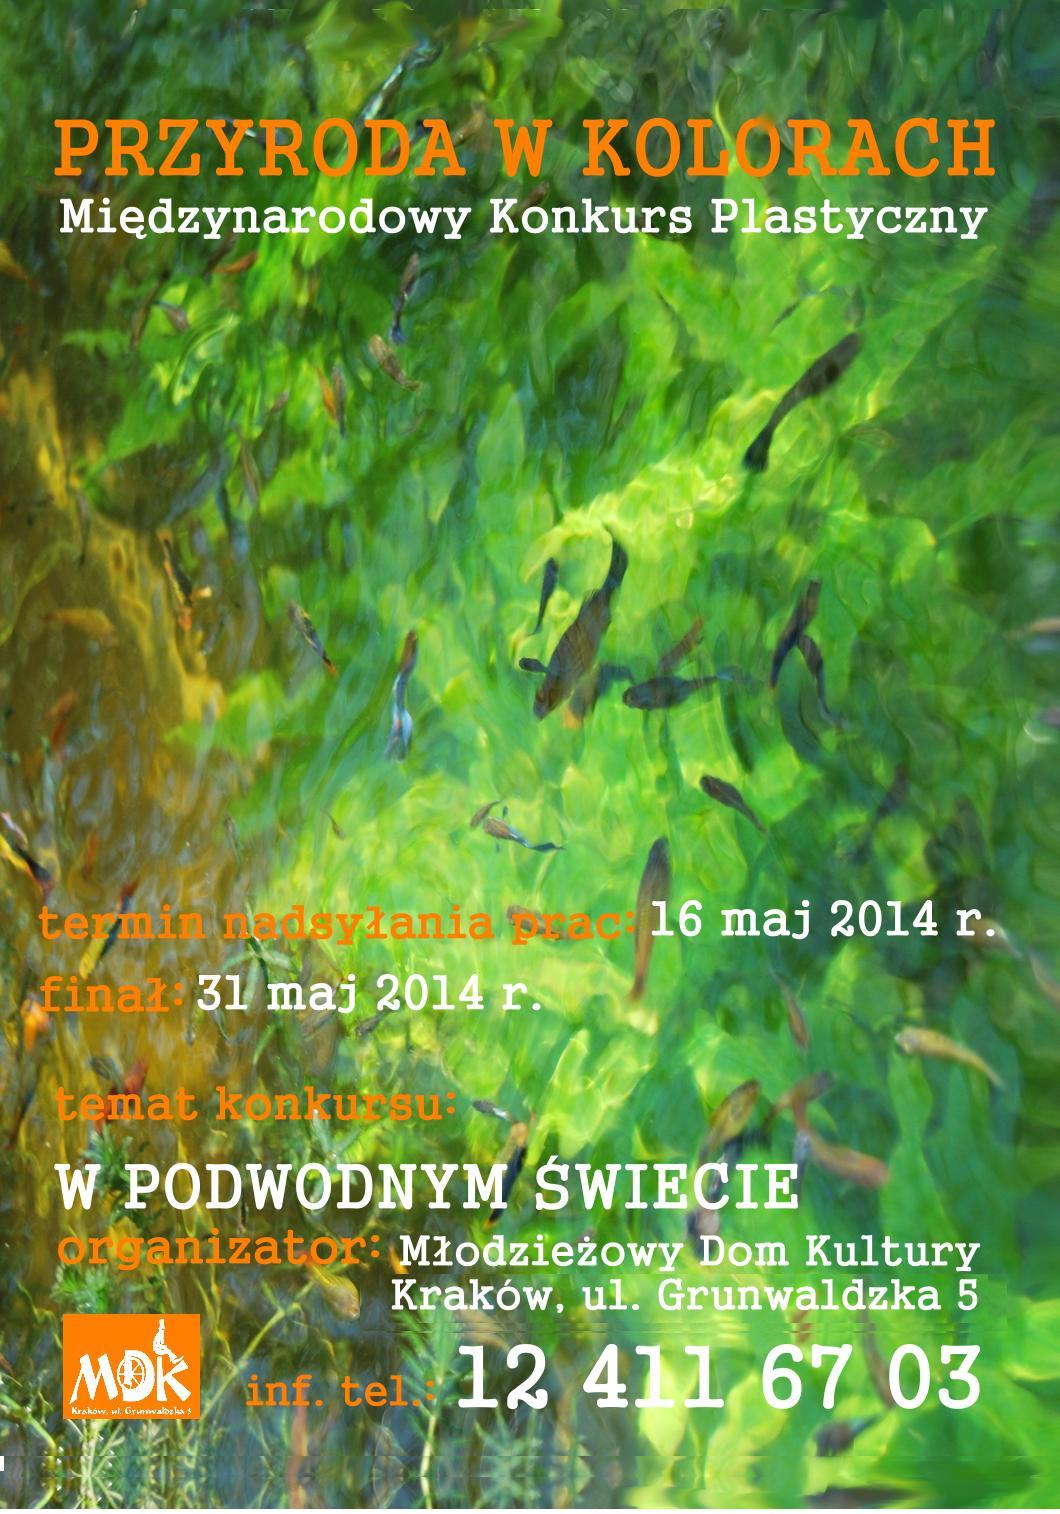 Międzynarodowy Konkurs Plastyczny Przyroda W Kolorach 2014 Baza